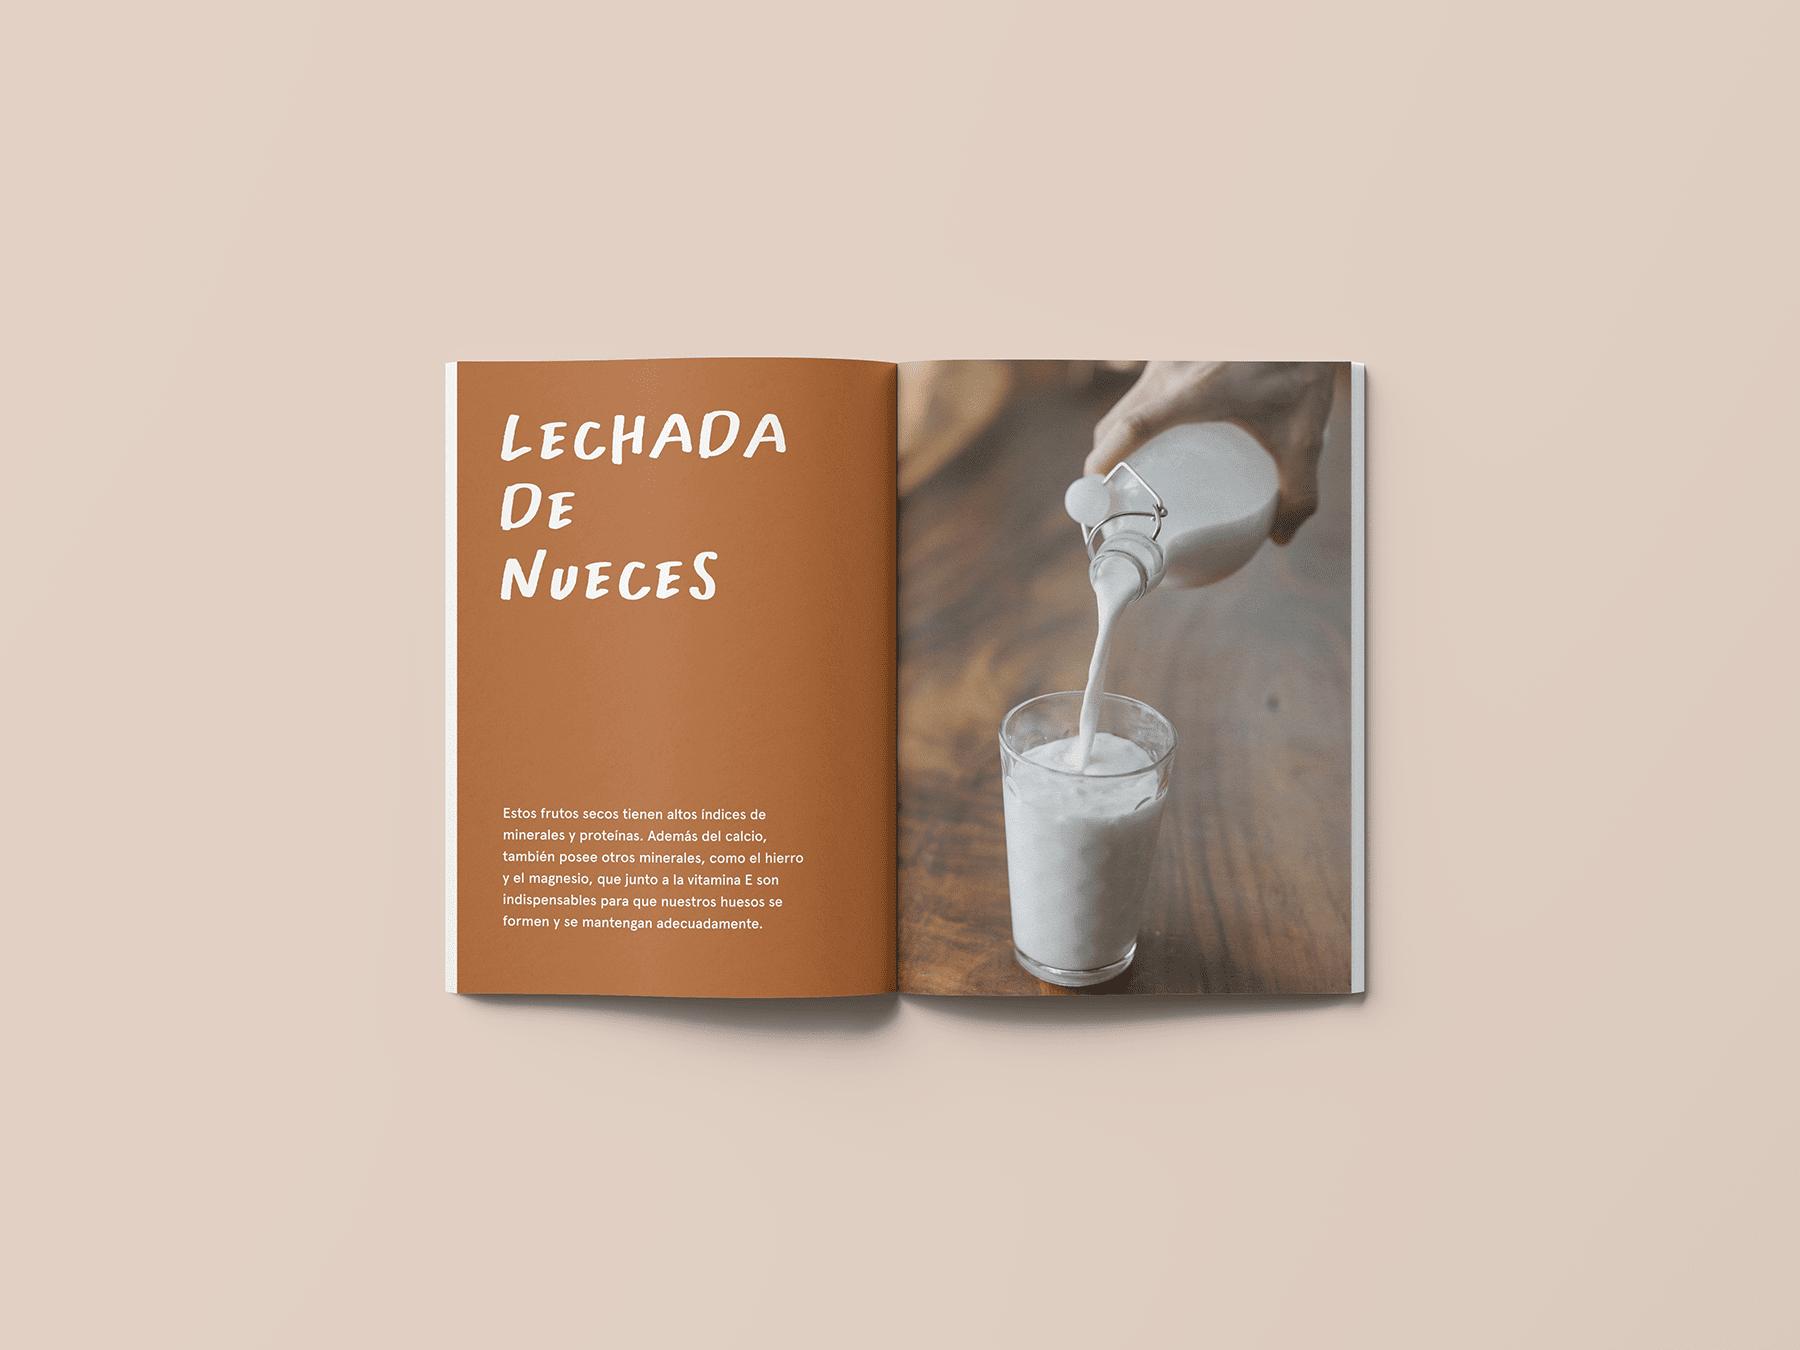 lechada-nueces-yoenpaperland